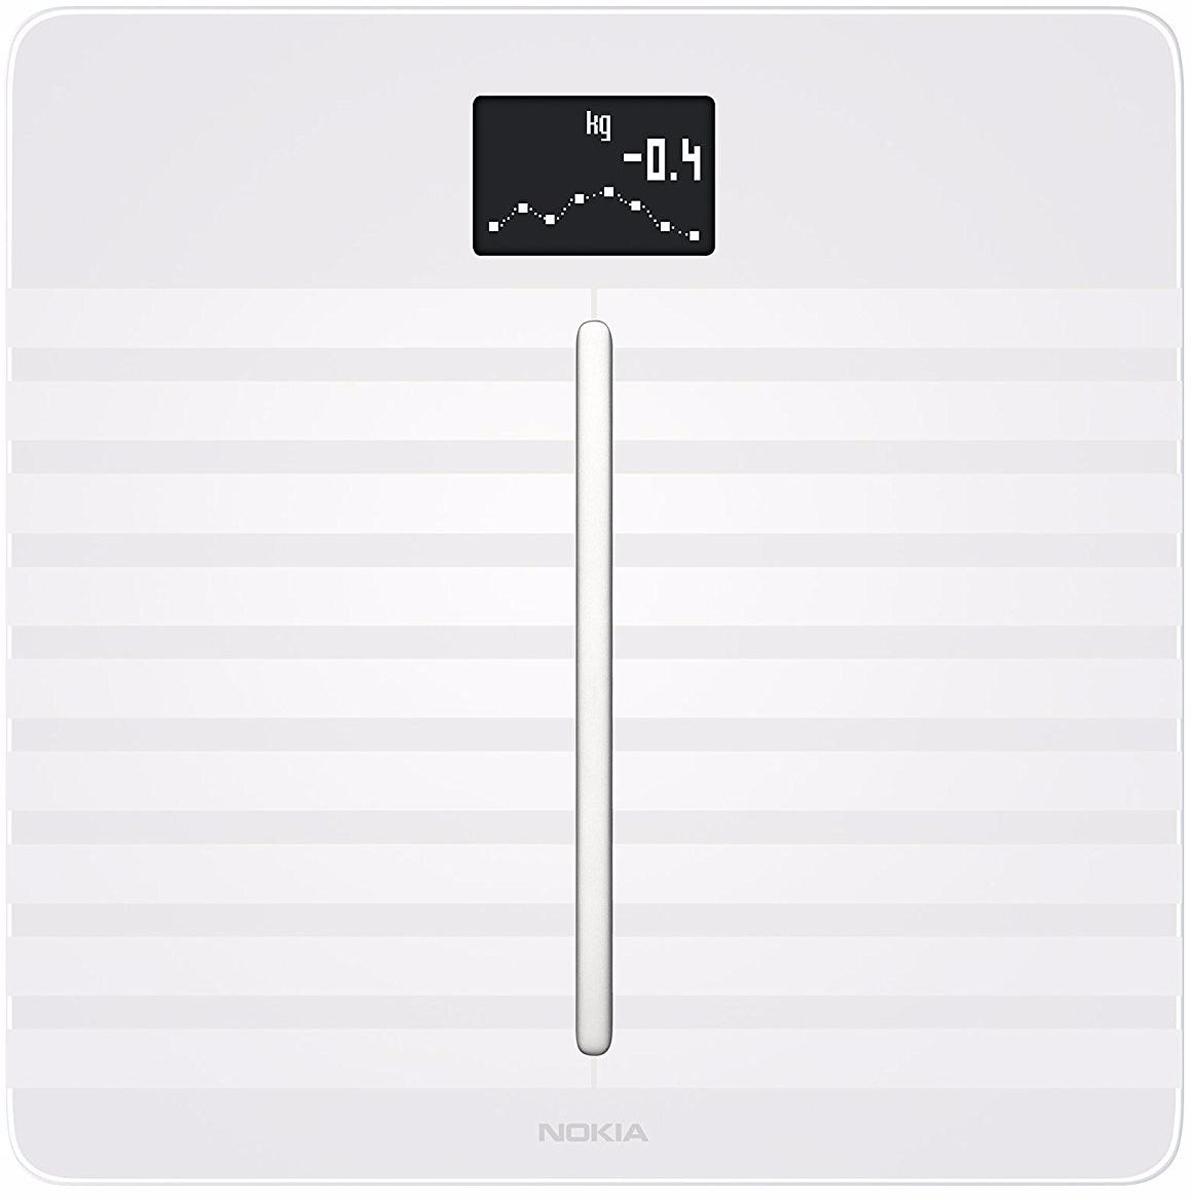 Nokia Body Cardio, White весы напольные70235806Получите полную картину своего здоровья всего за один шаг: Nokia Body Cardio очень точно измерит массу тела, BMI, состав тела (жир, мышечная масса, вода и костная масса) и частоту сердечных сокращений.Body Cardio измеряет скорость пульсовой волны, признанную медицинским сообществом как лучший автономный показатель общего сердечно-сосудистого здоровья. Получите показания на экране весов и найдите подробную оценку в приложении Health Mate, а также советы по ее улучшению. Независимо от вашей физподготовки, вы сможете четко видеть, как небольшие изменения в образе жизни могут оказать влияние на улучшение здоровья ваших артерий.Люди, установившие цель в приложении, теряют в два раза больше веса. Вы устанавливаете цель, а Health Mate поможет вам ее достичь. Каждое взвешивание отображается в приложении Health Mate автоматически, через Wi-Fi или Bluetooth.